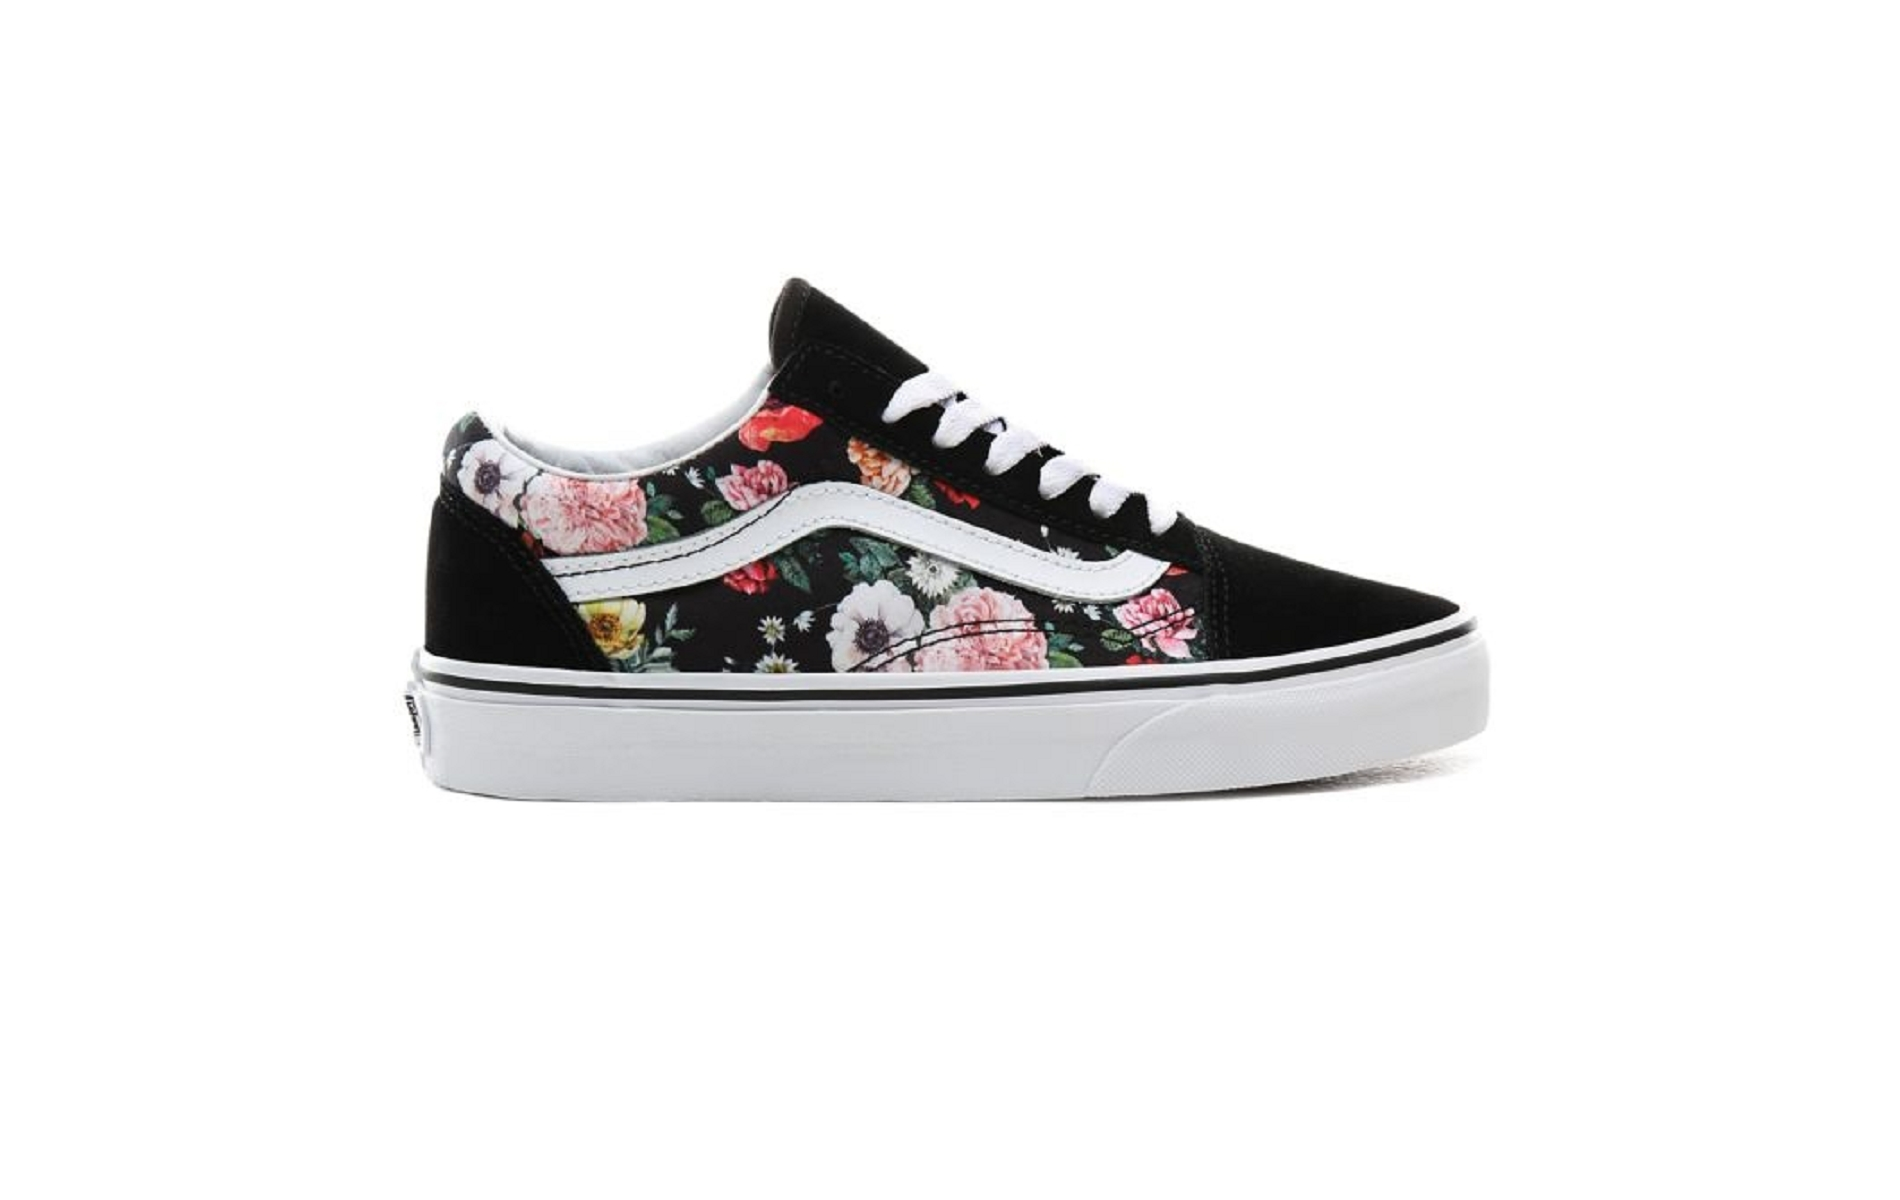 vans femme floral